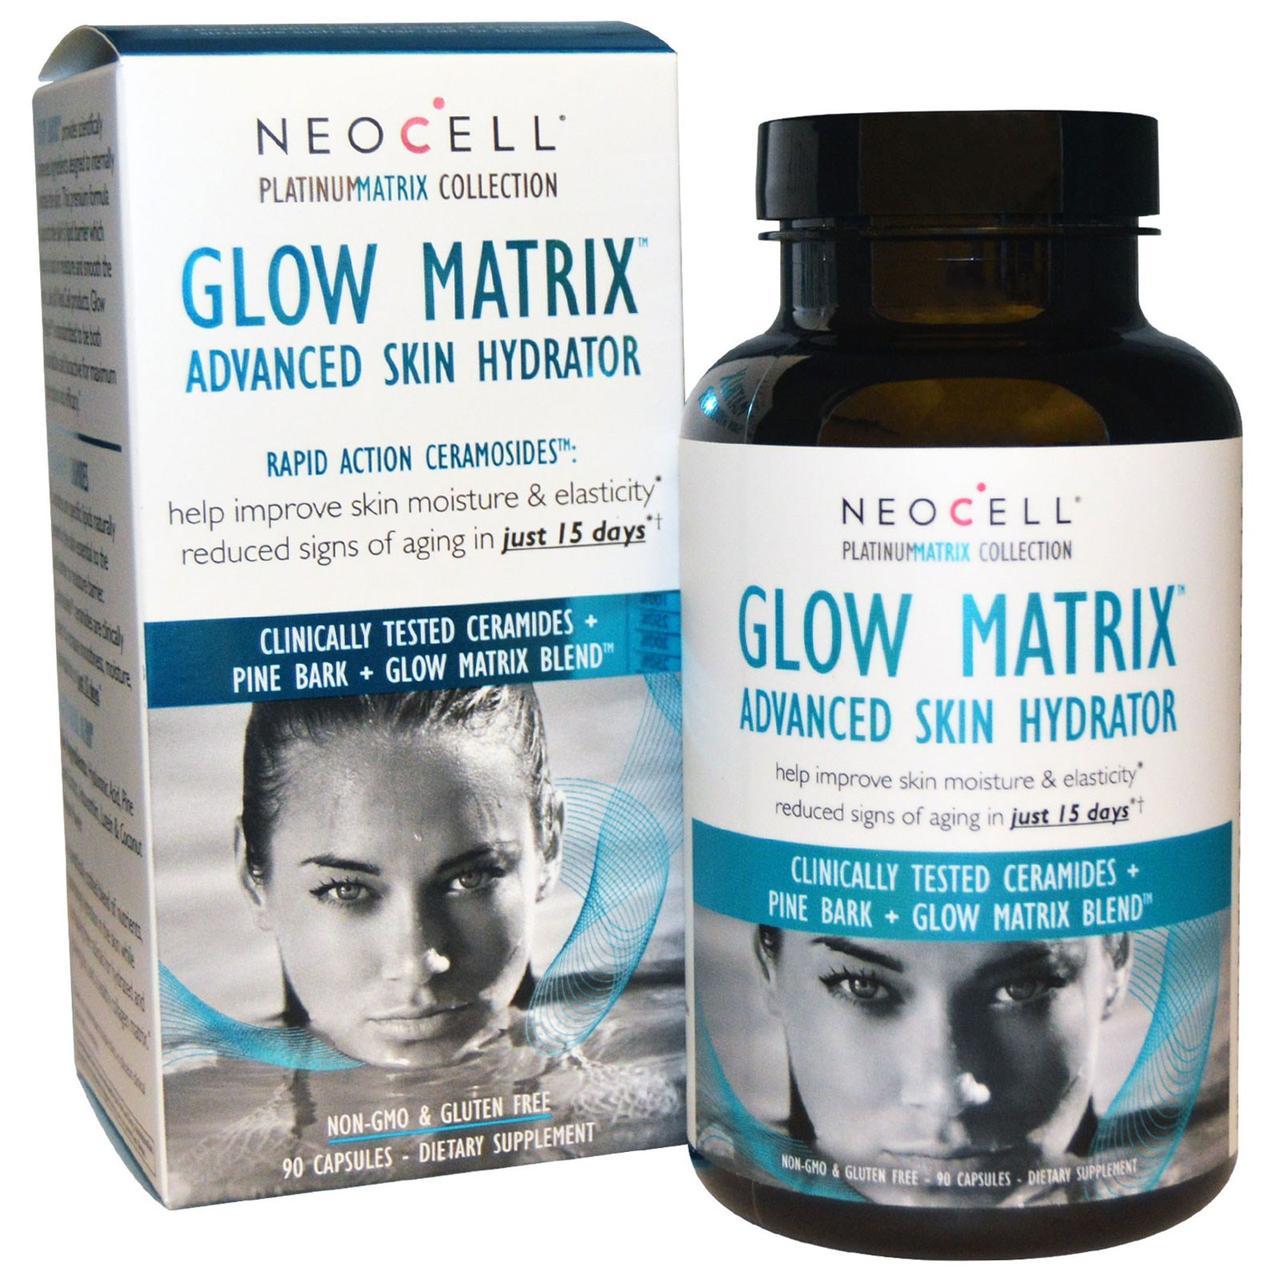 Neocell, Улучшенный увлажнитель кожи Glow Matrix, 90 капсул - Интернет-магазин для здоровой жизни в Киеве